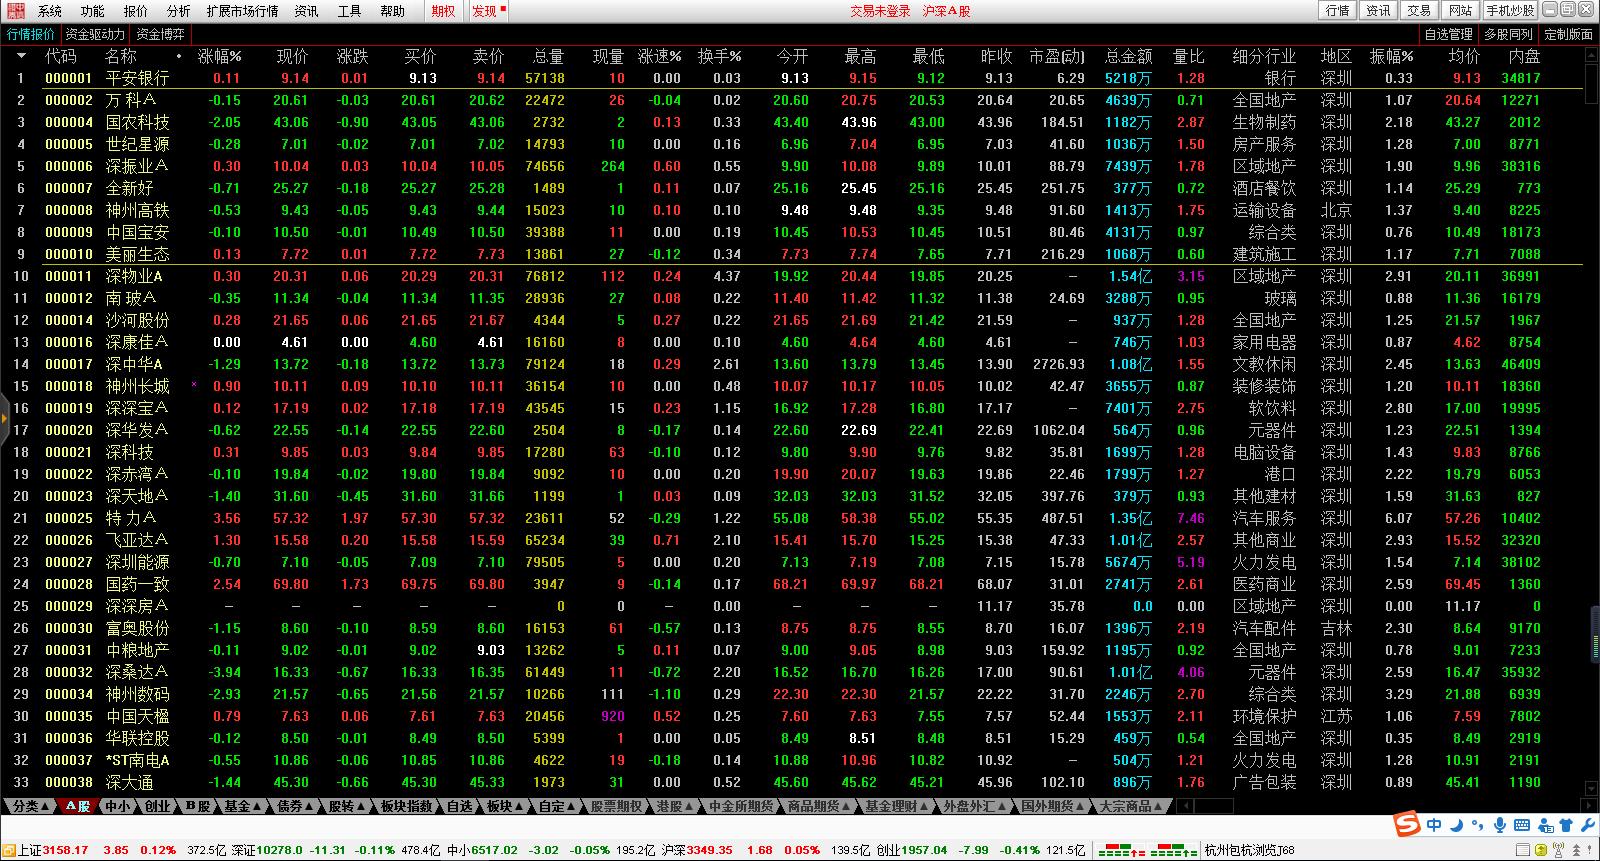 中信证券至信版截图